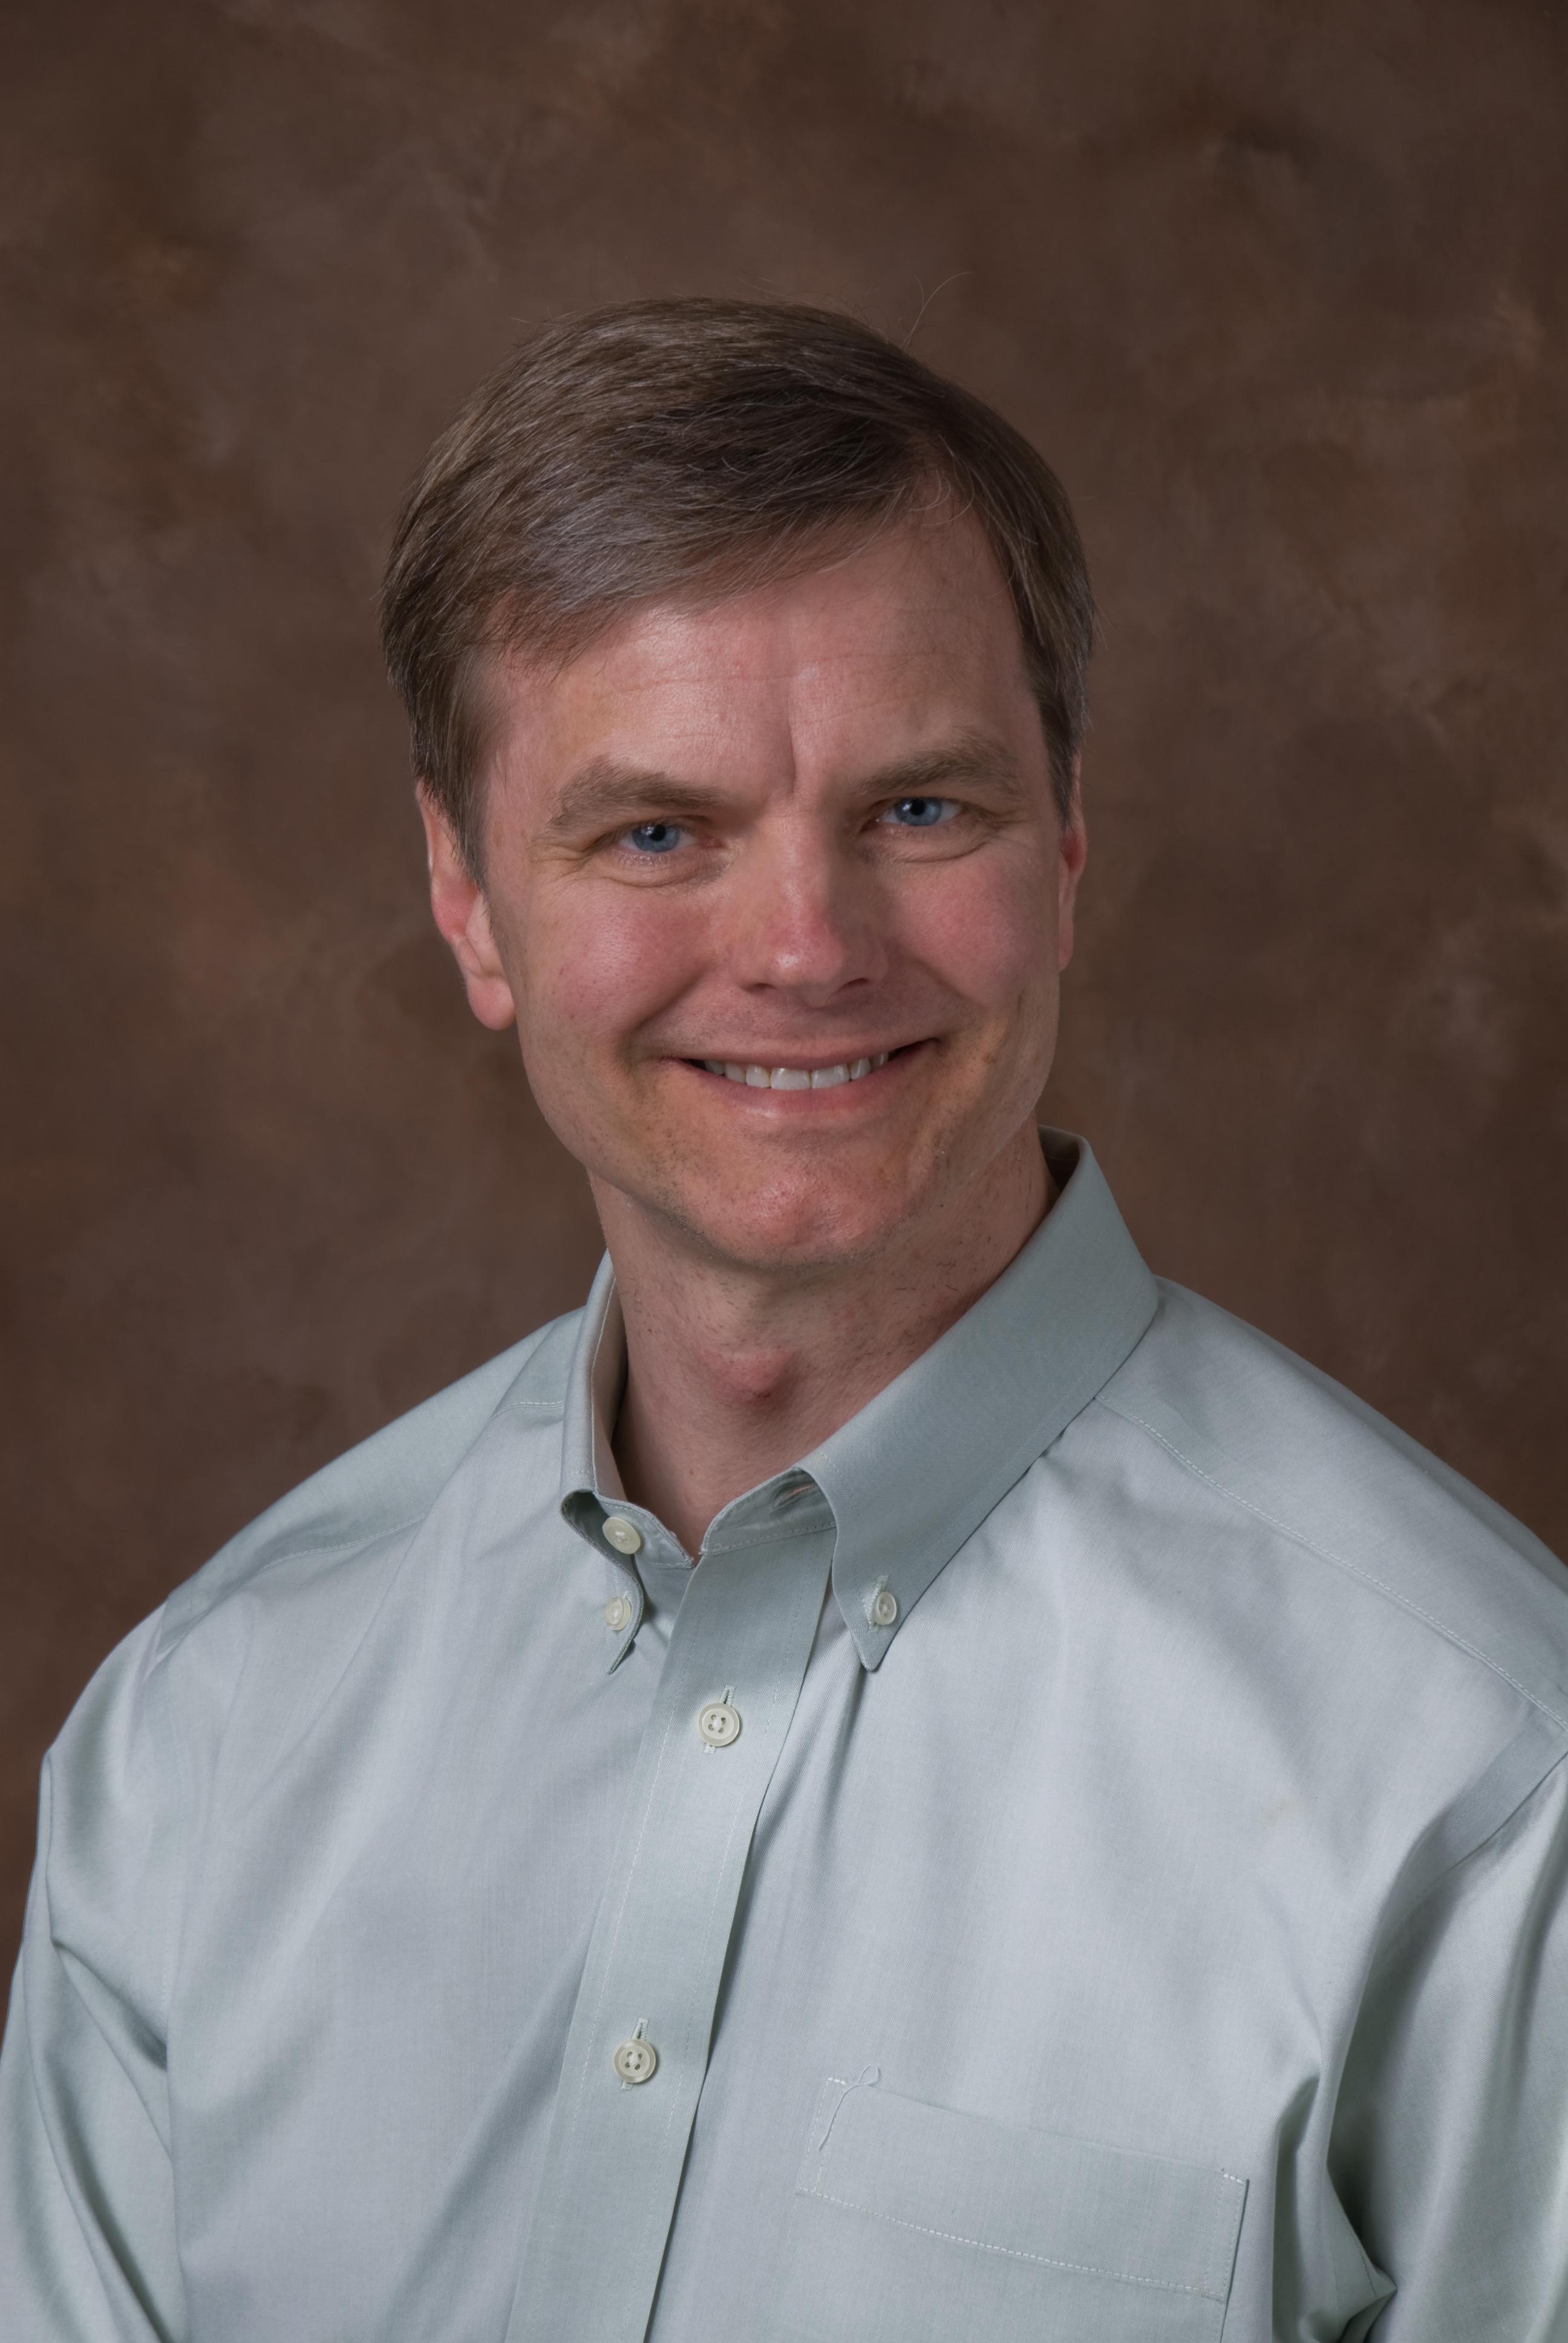 Brian Vanderjack